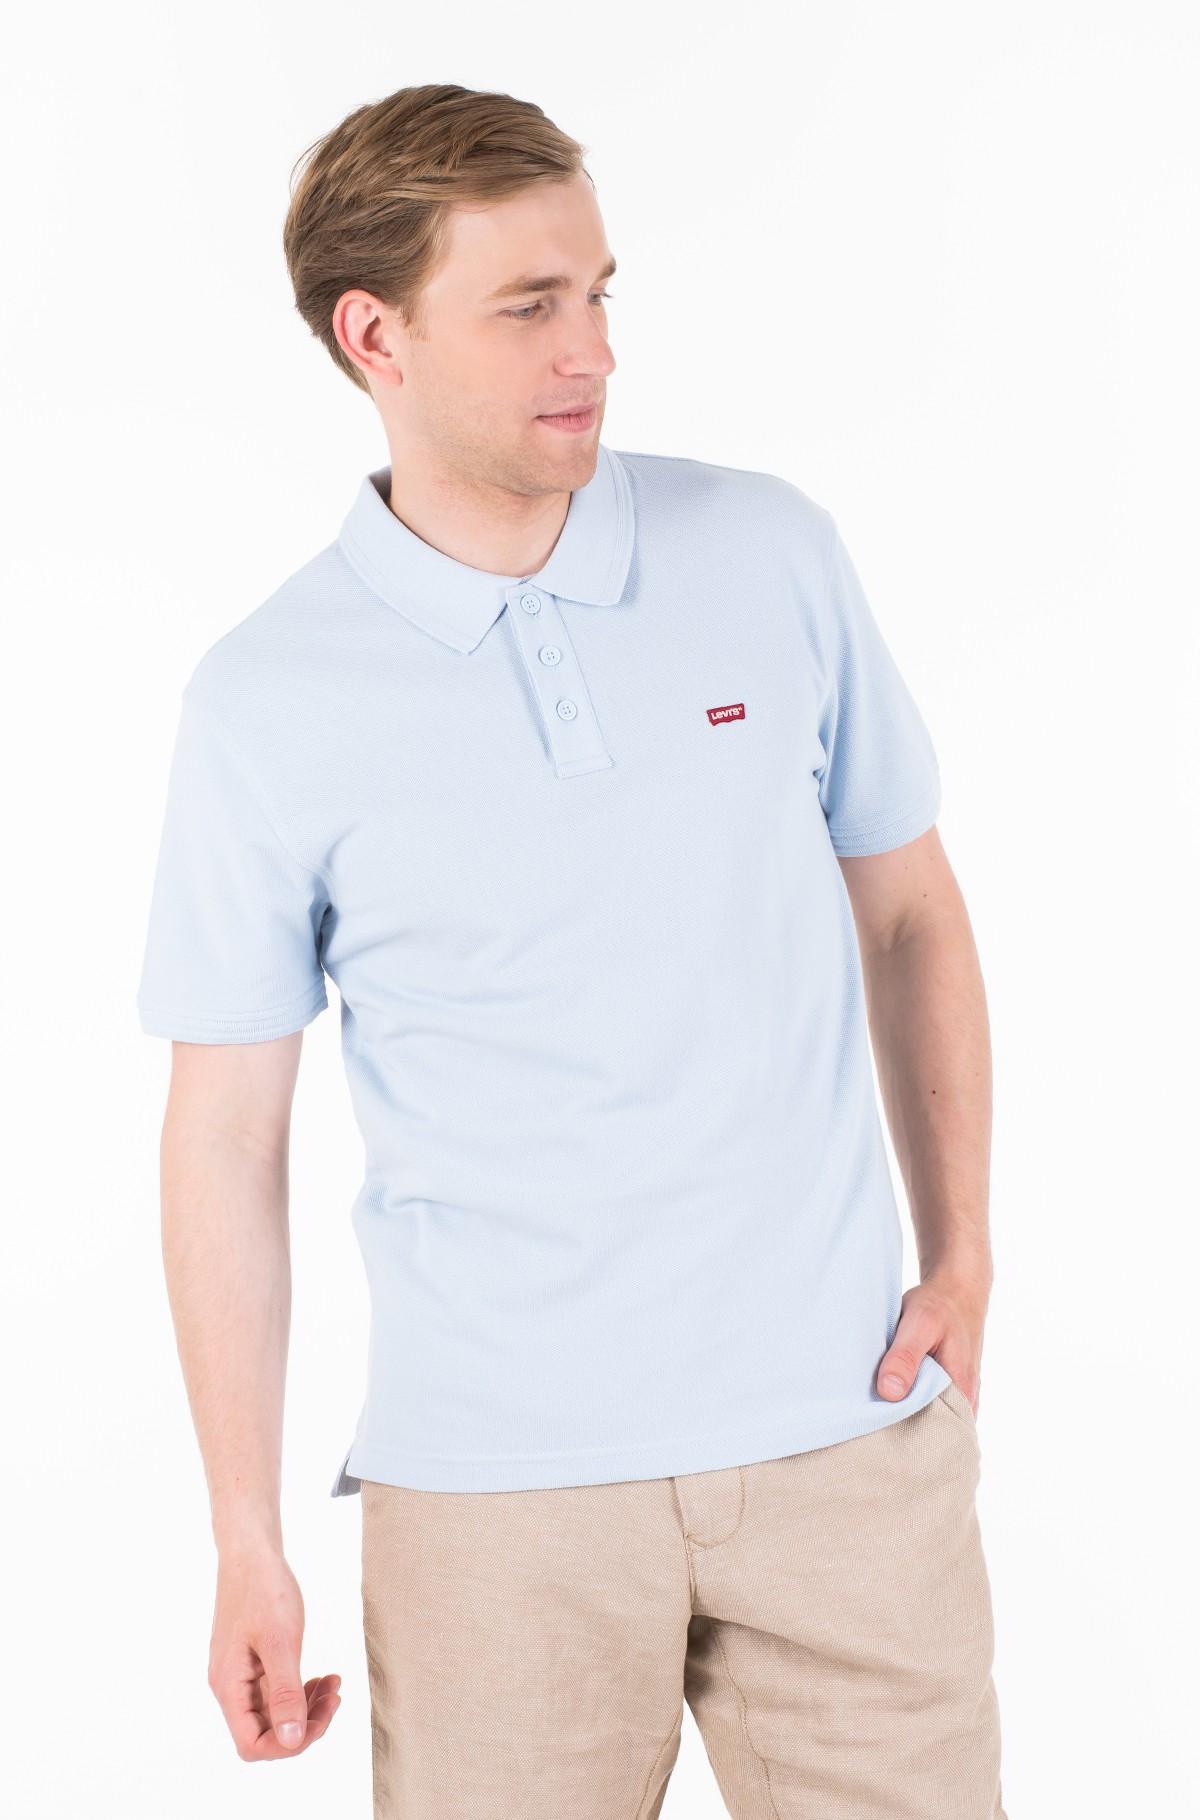 Polo krekls  224010095-full-1